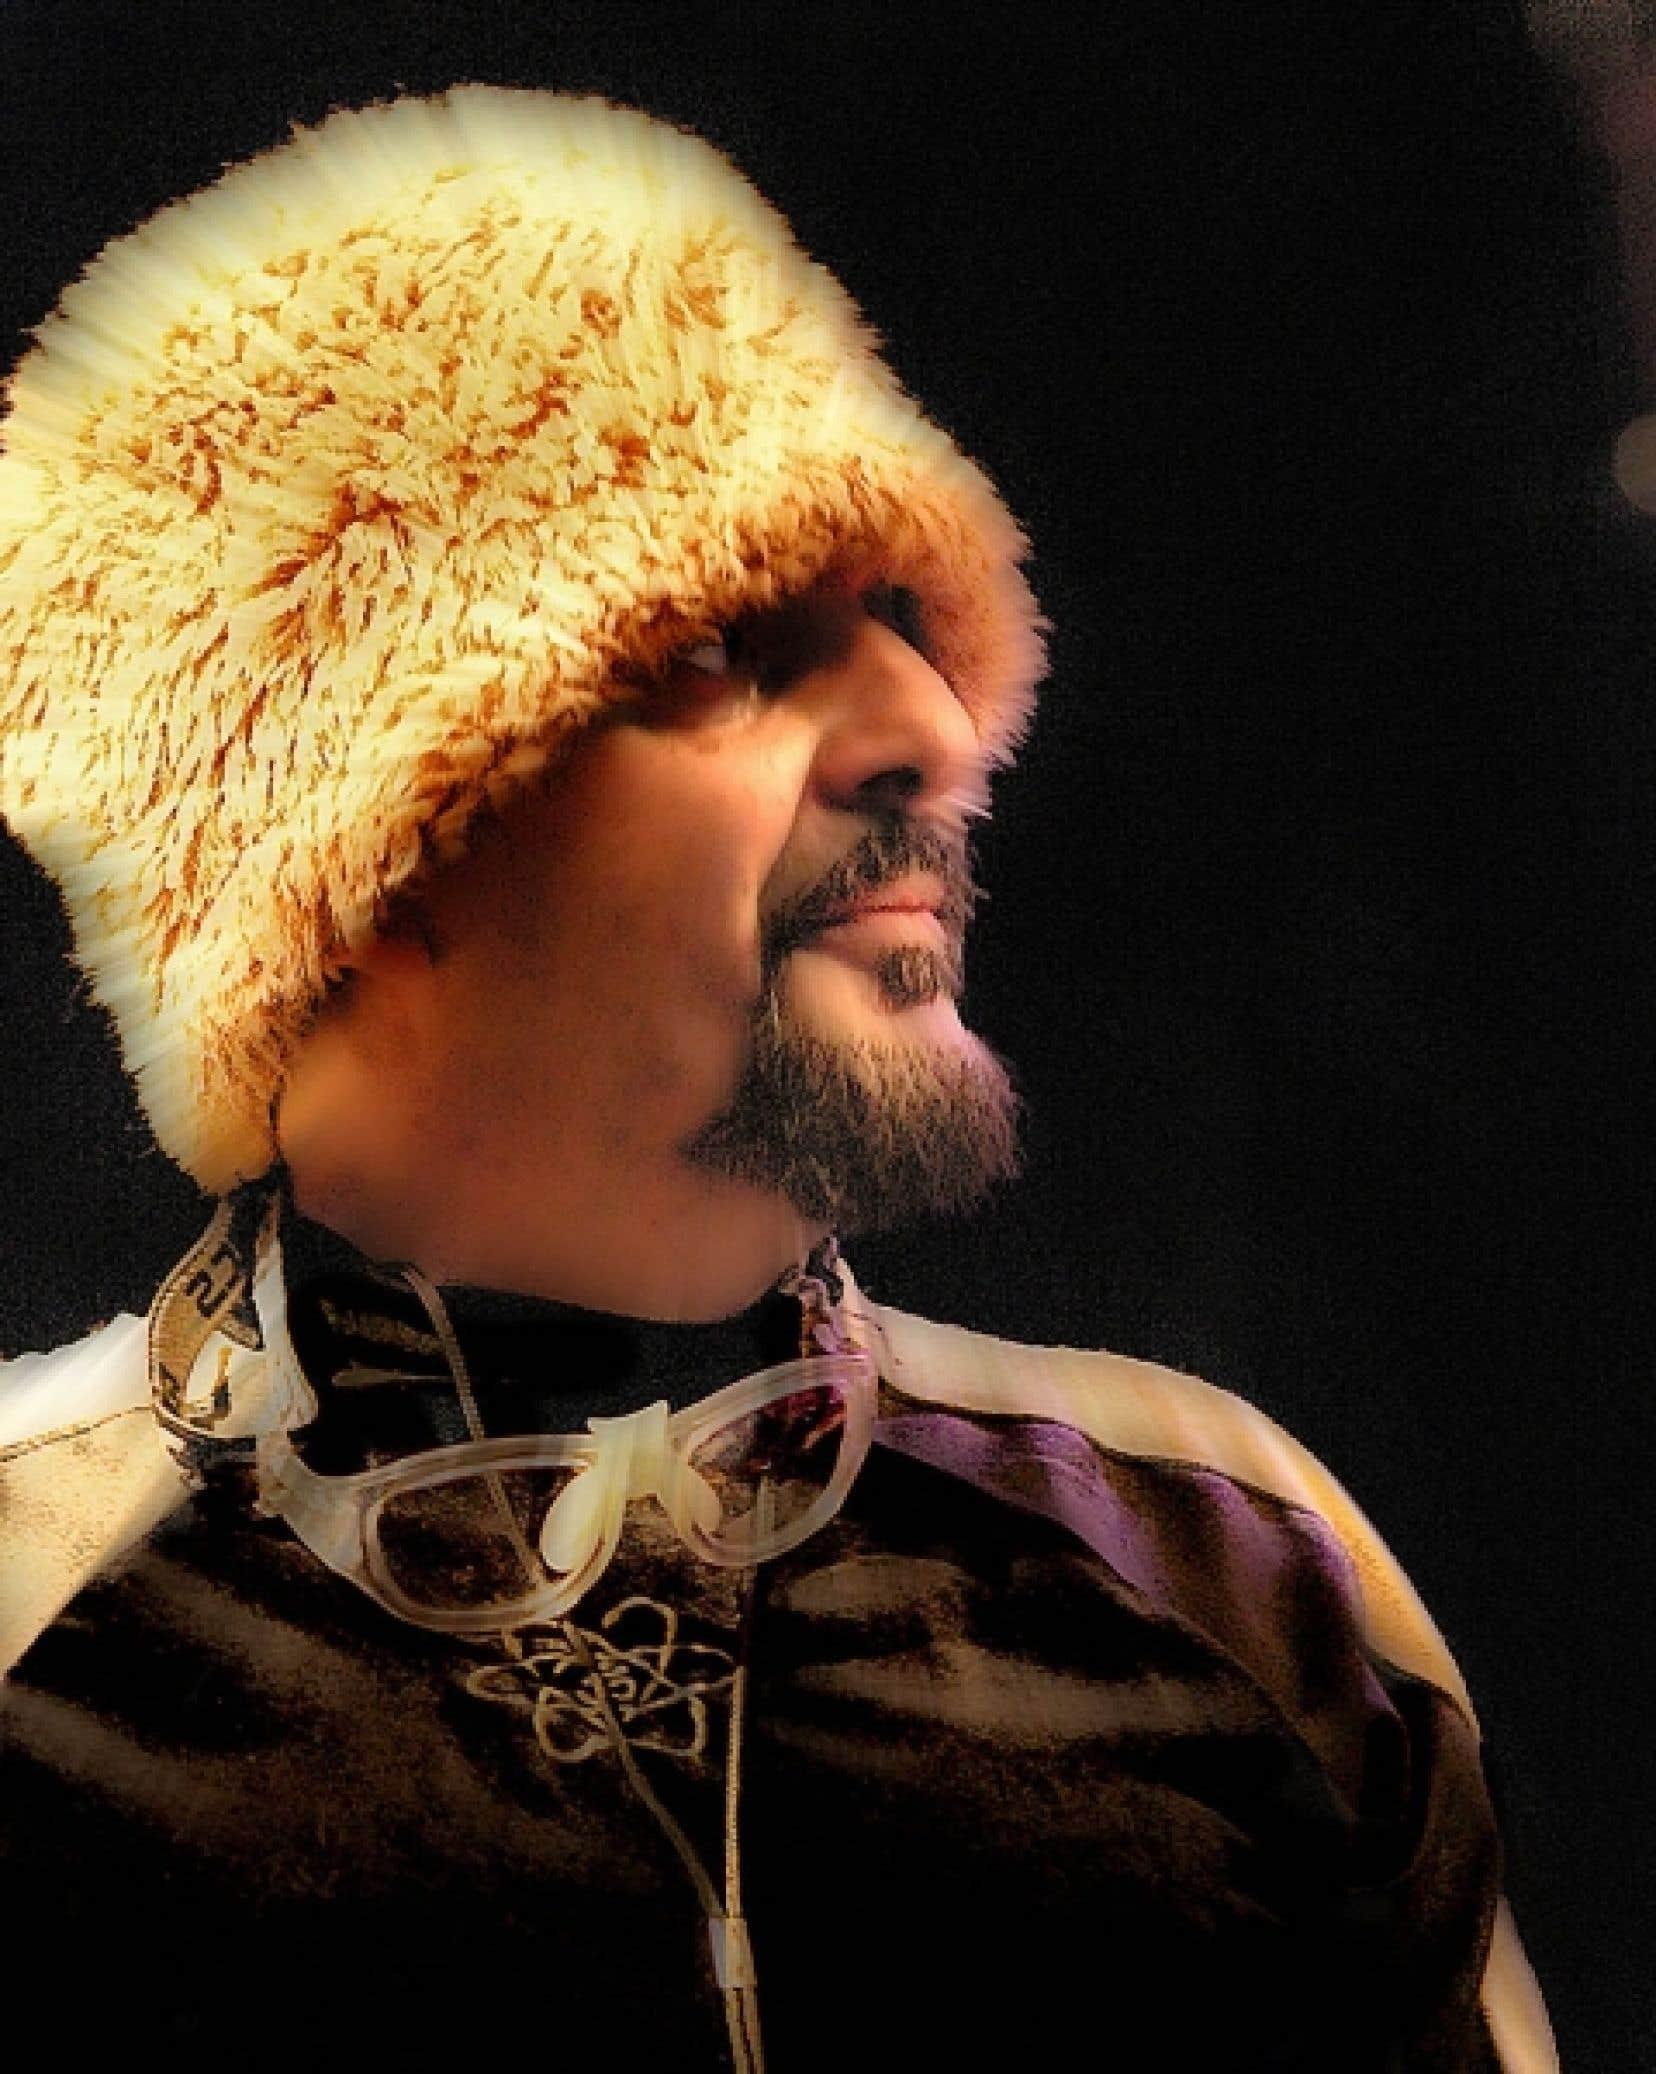 Si le Brésil donne à Cyro Baptista une orientation rythmique, mélodique et harmonique, la planète entière est devenu sa muse. <br />